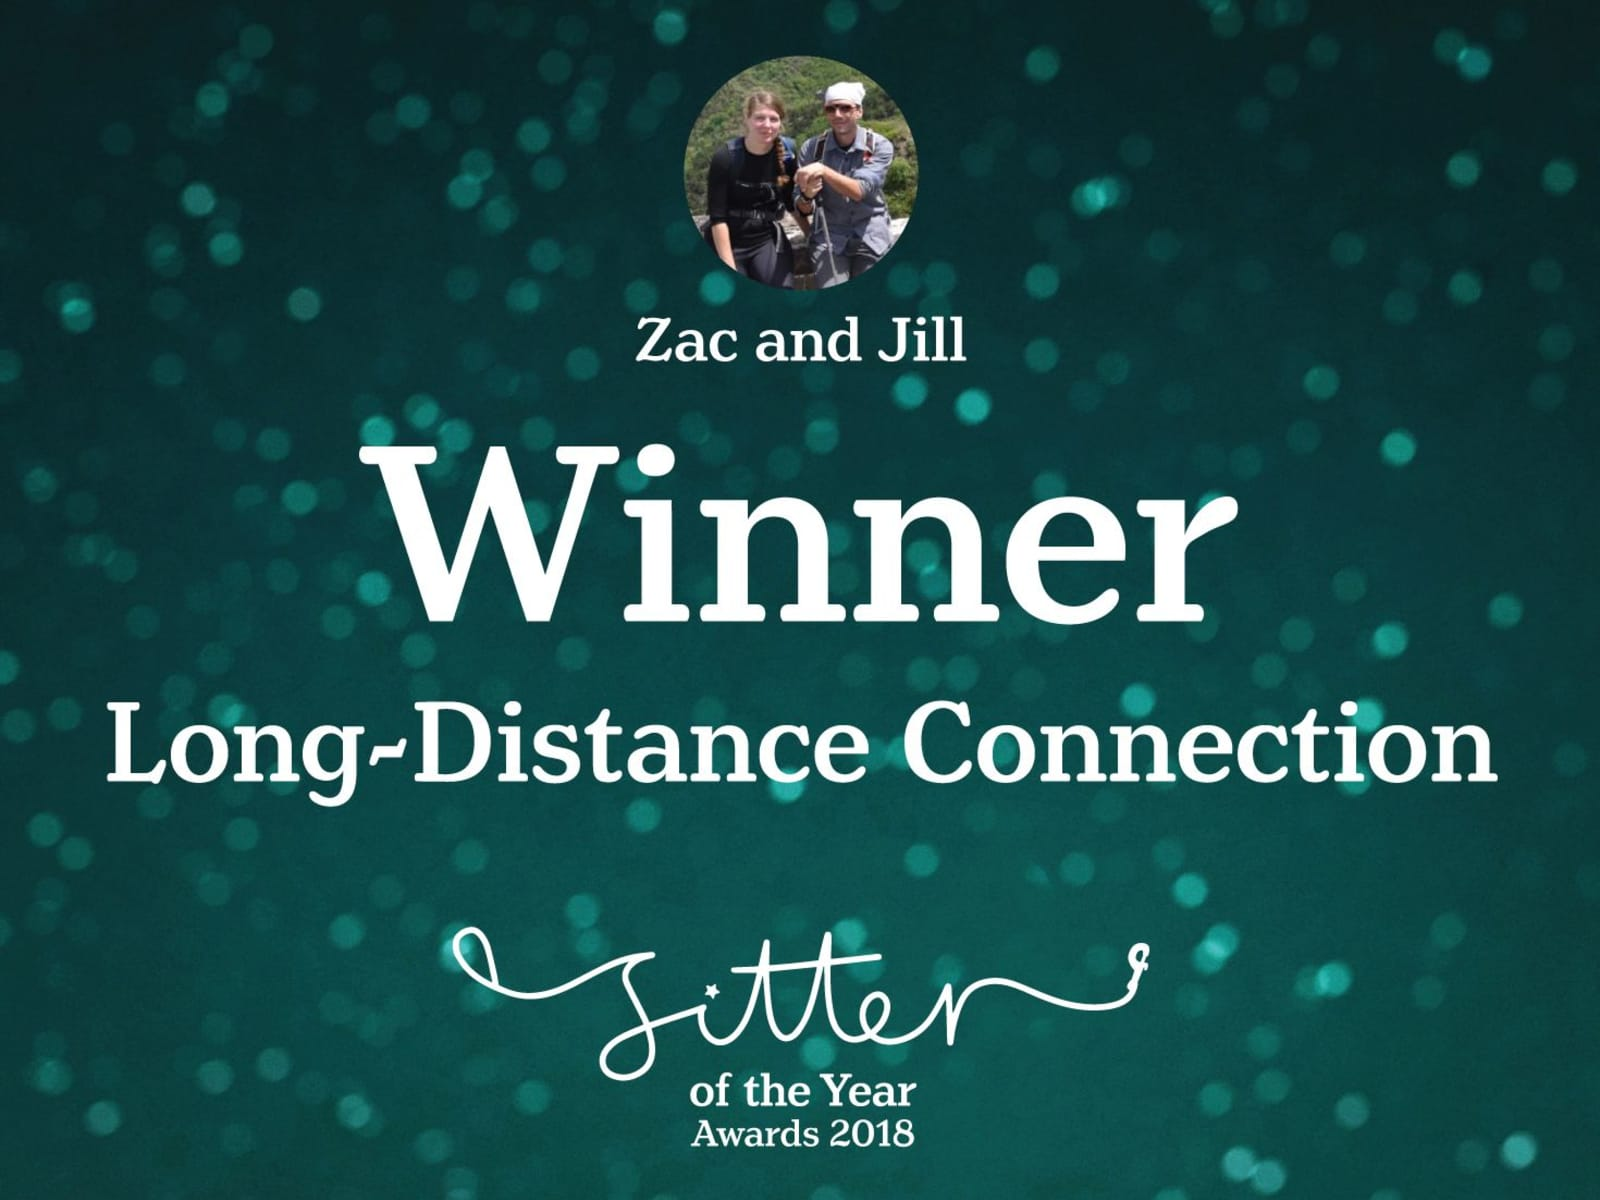 Jill & zachary & Jill from Glasgow, United Kingdom